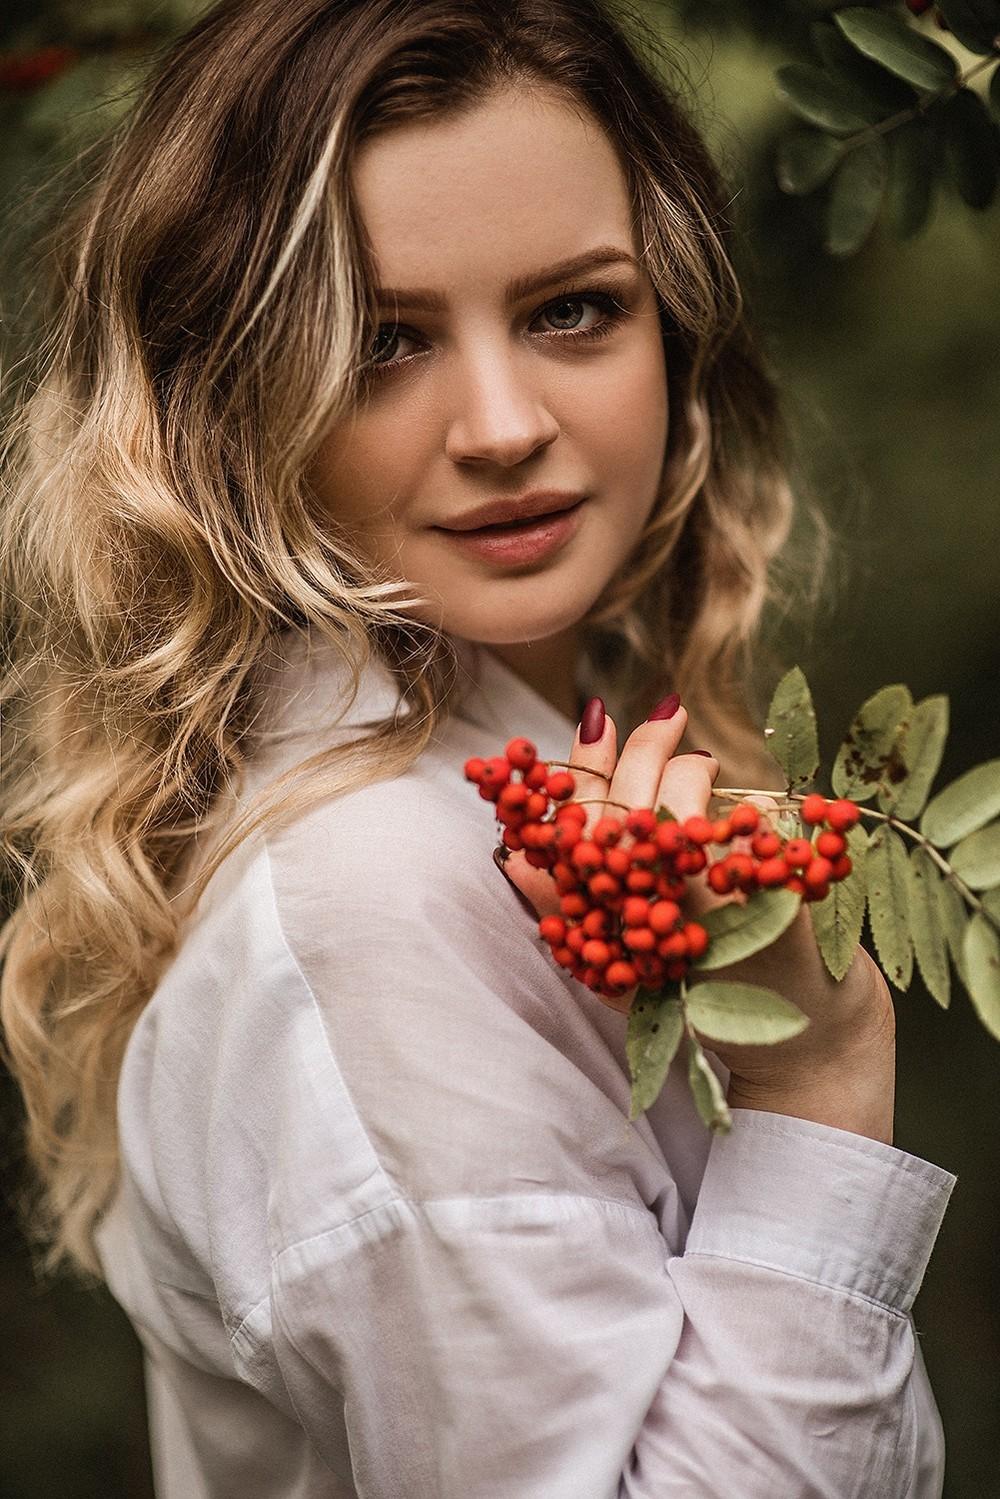 Женские портреты - Алина